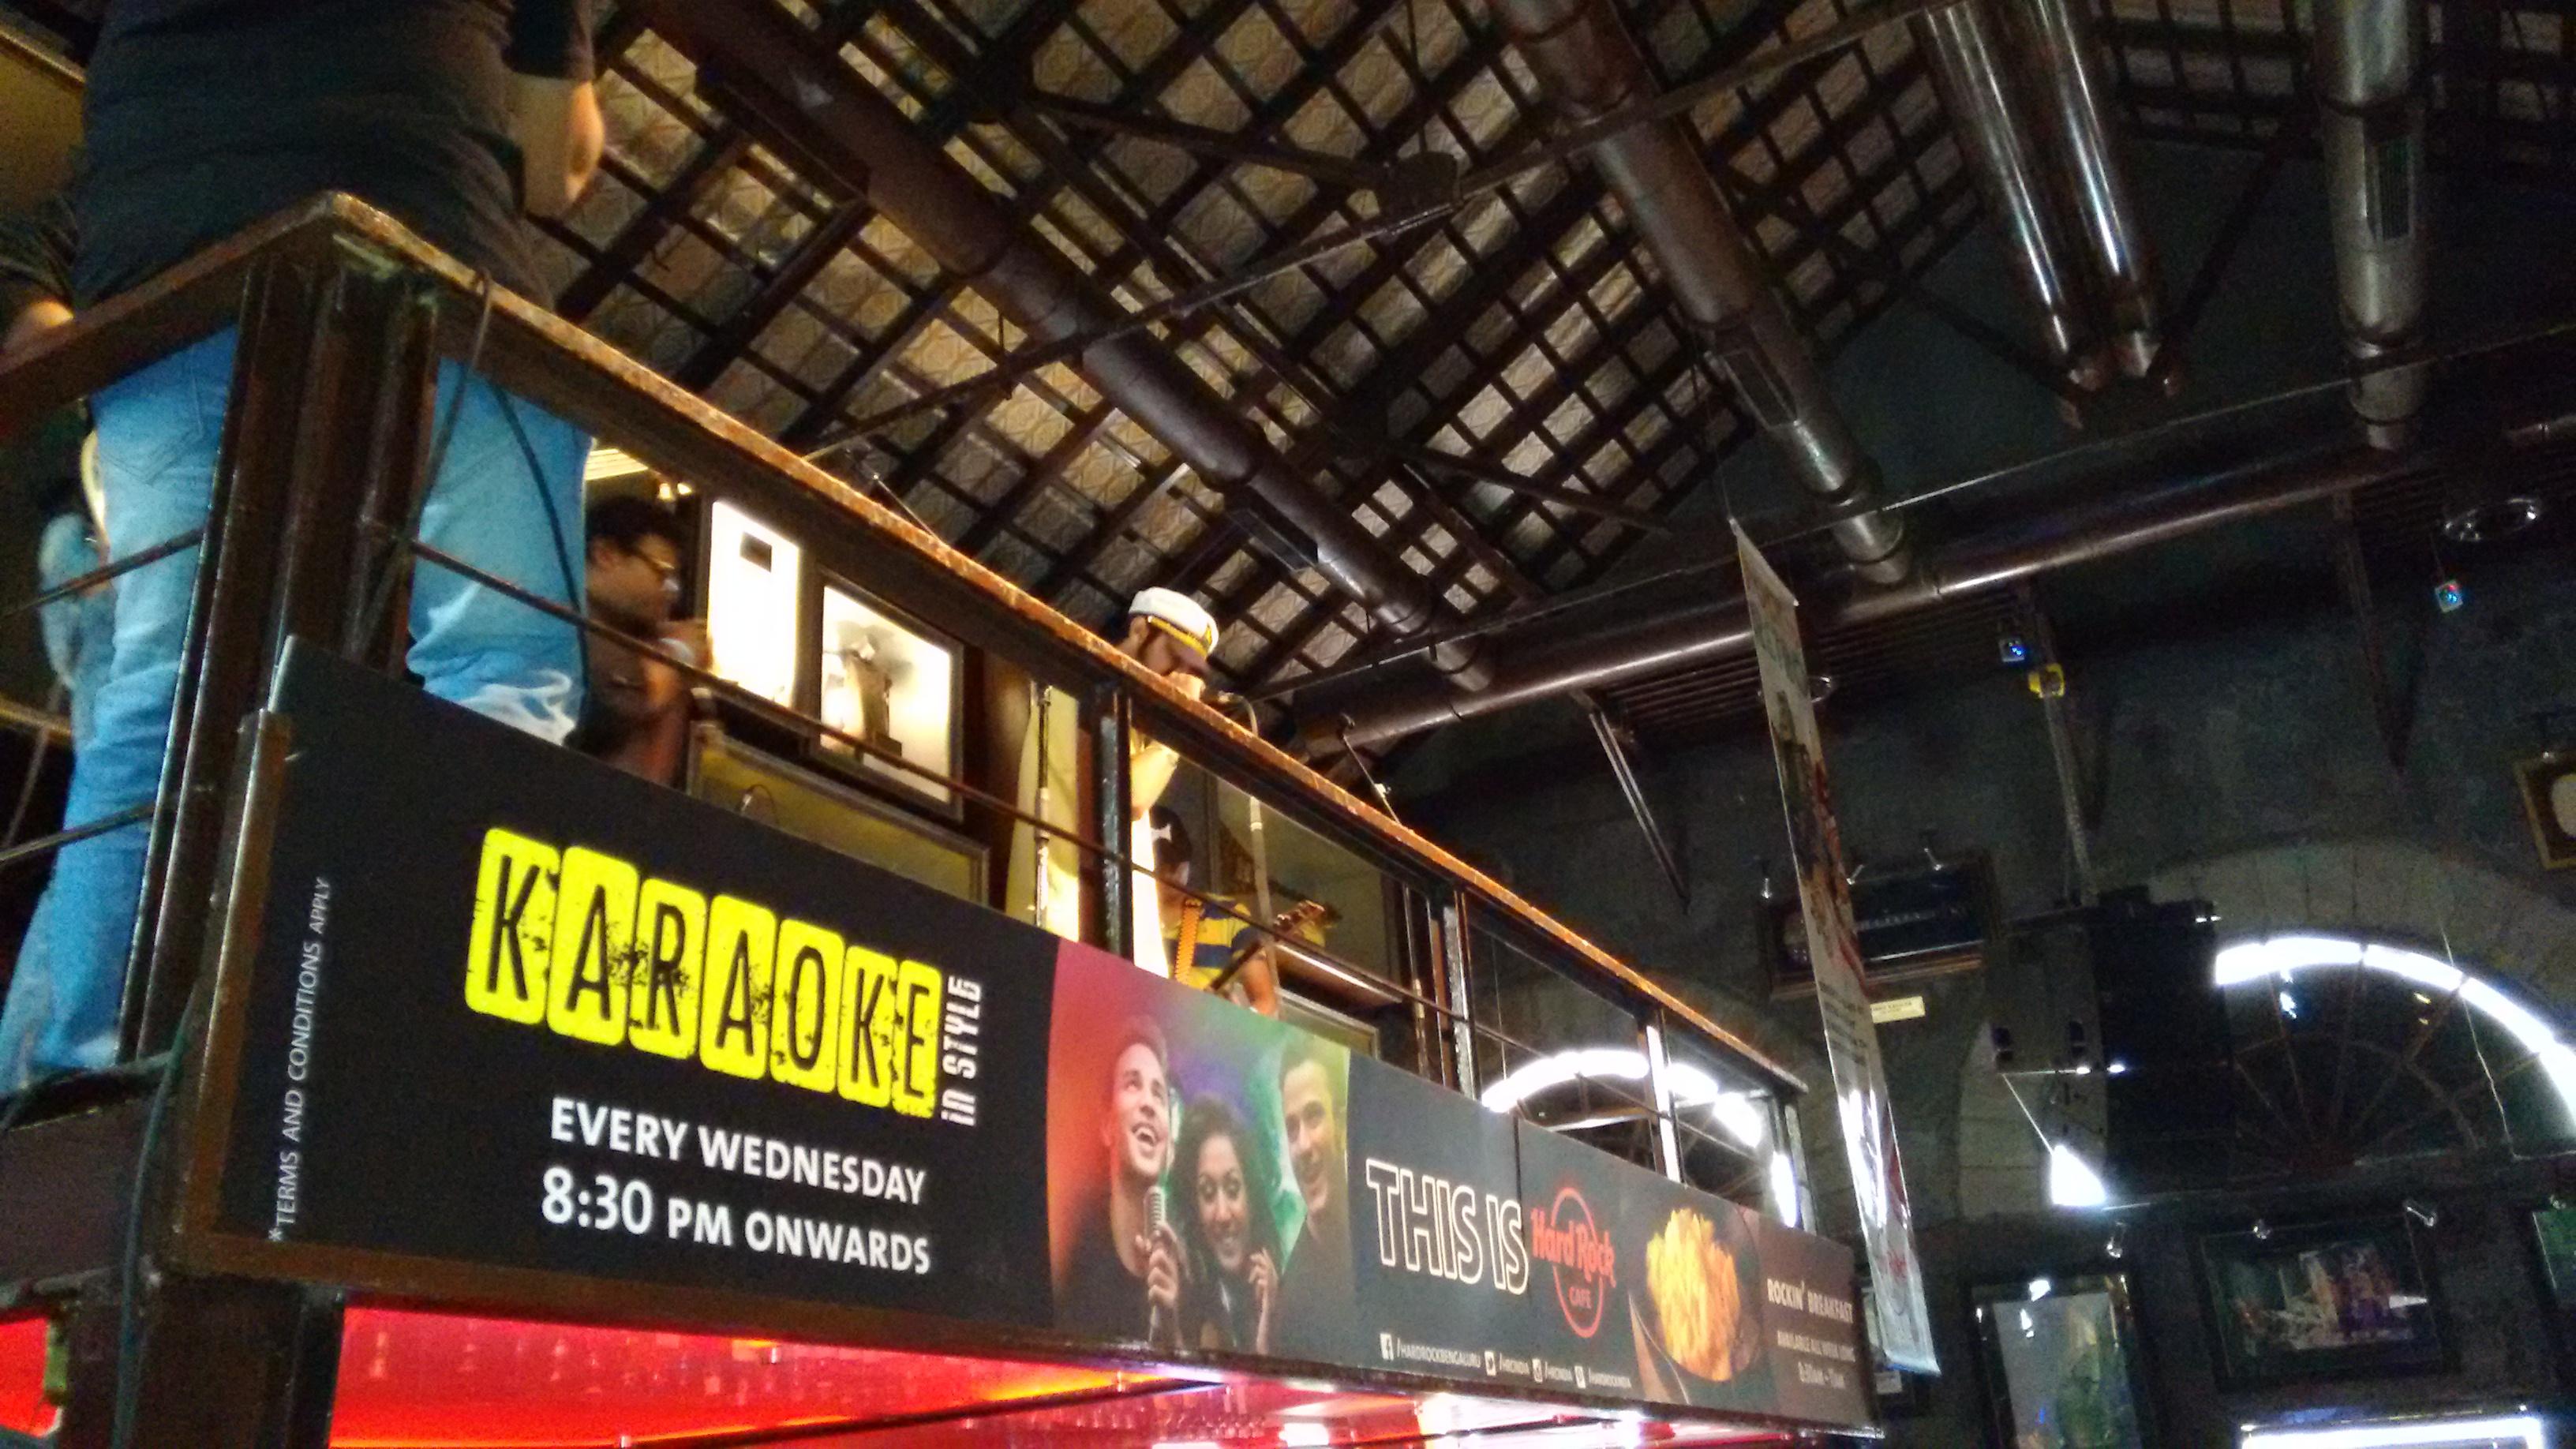 Hard Rock Cafe Bangalore Address